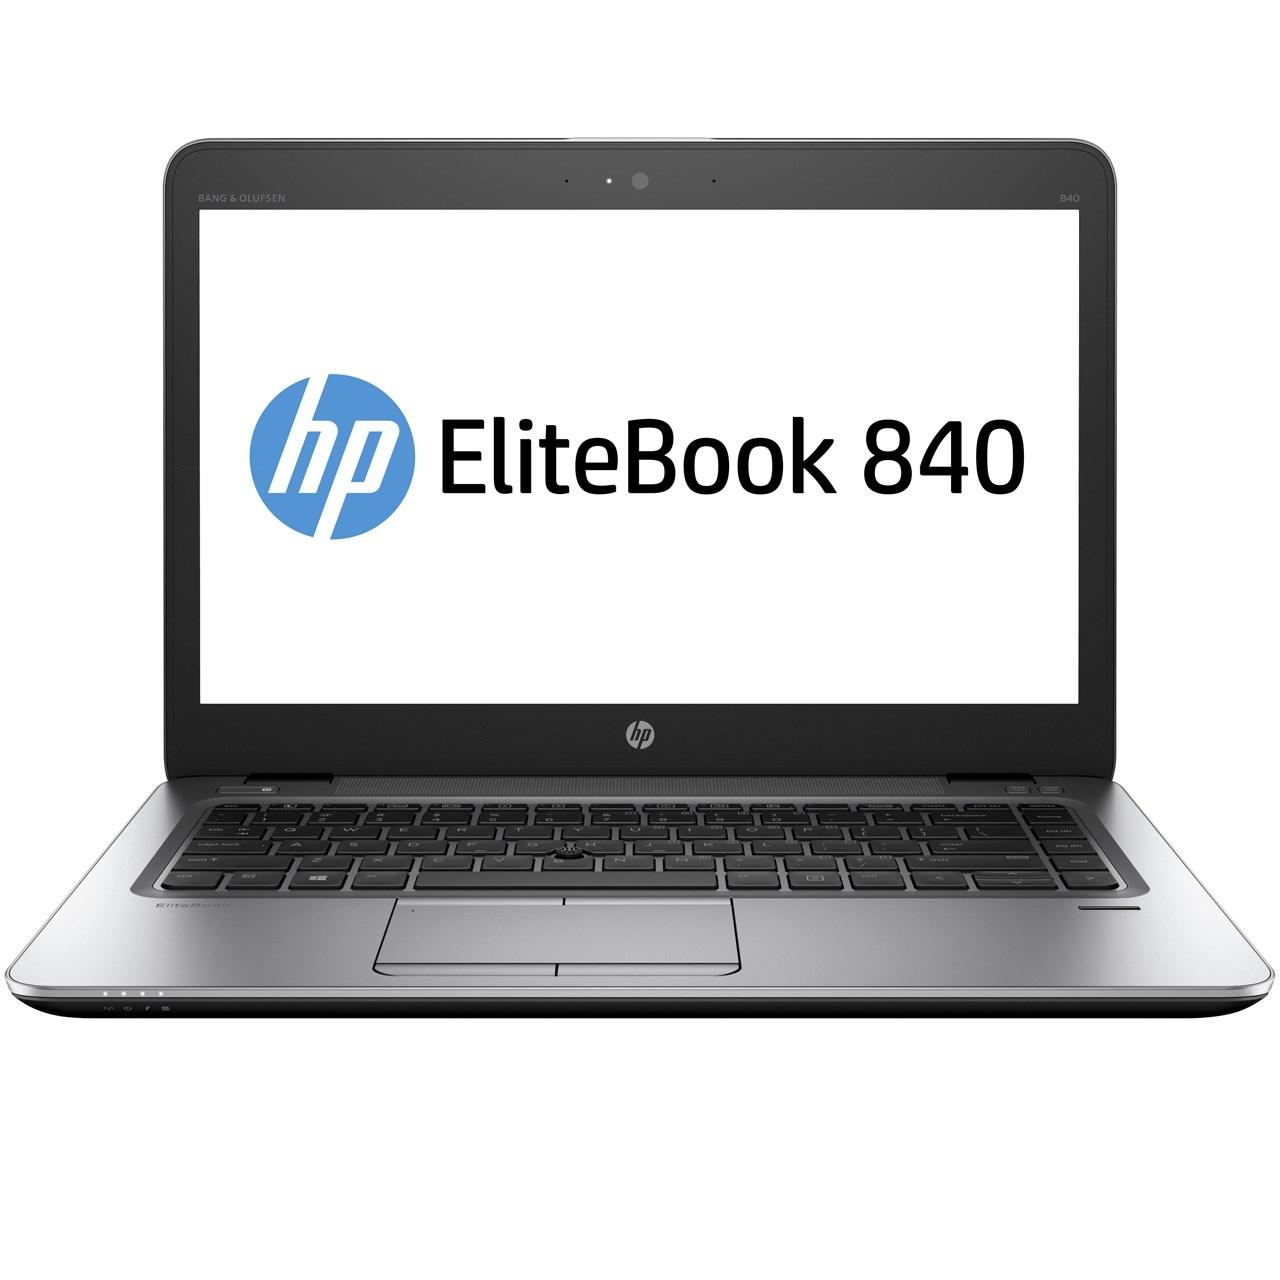 لپ تاپ 14 اینچی اچ پی مدل EliteBook 840 - B